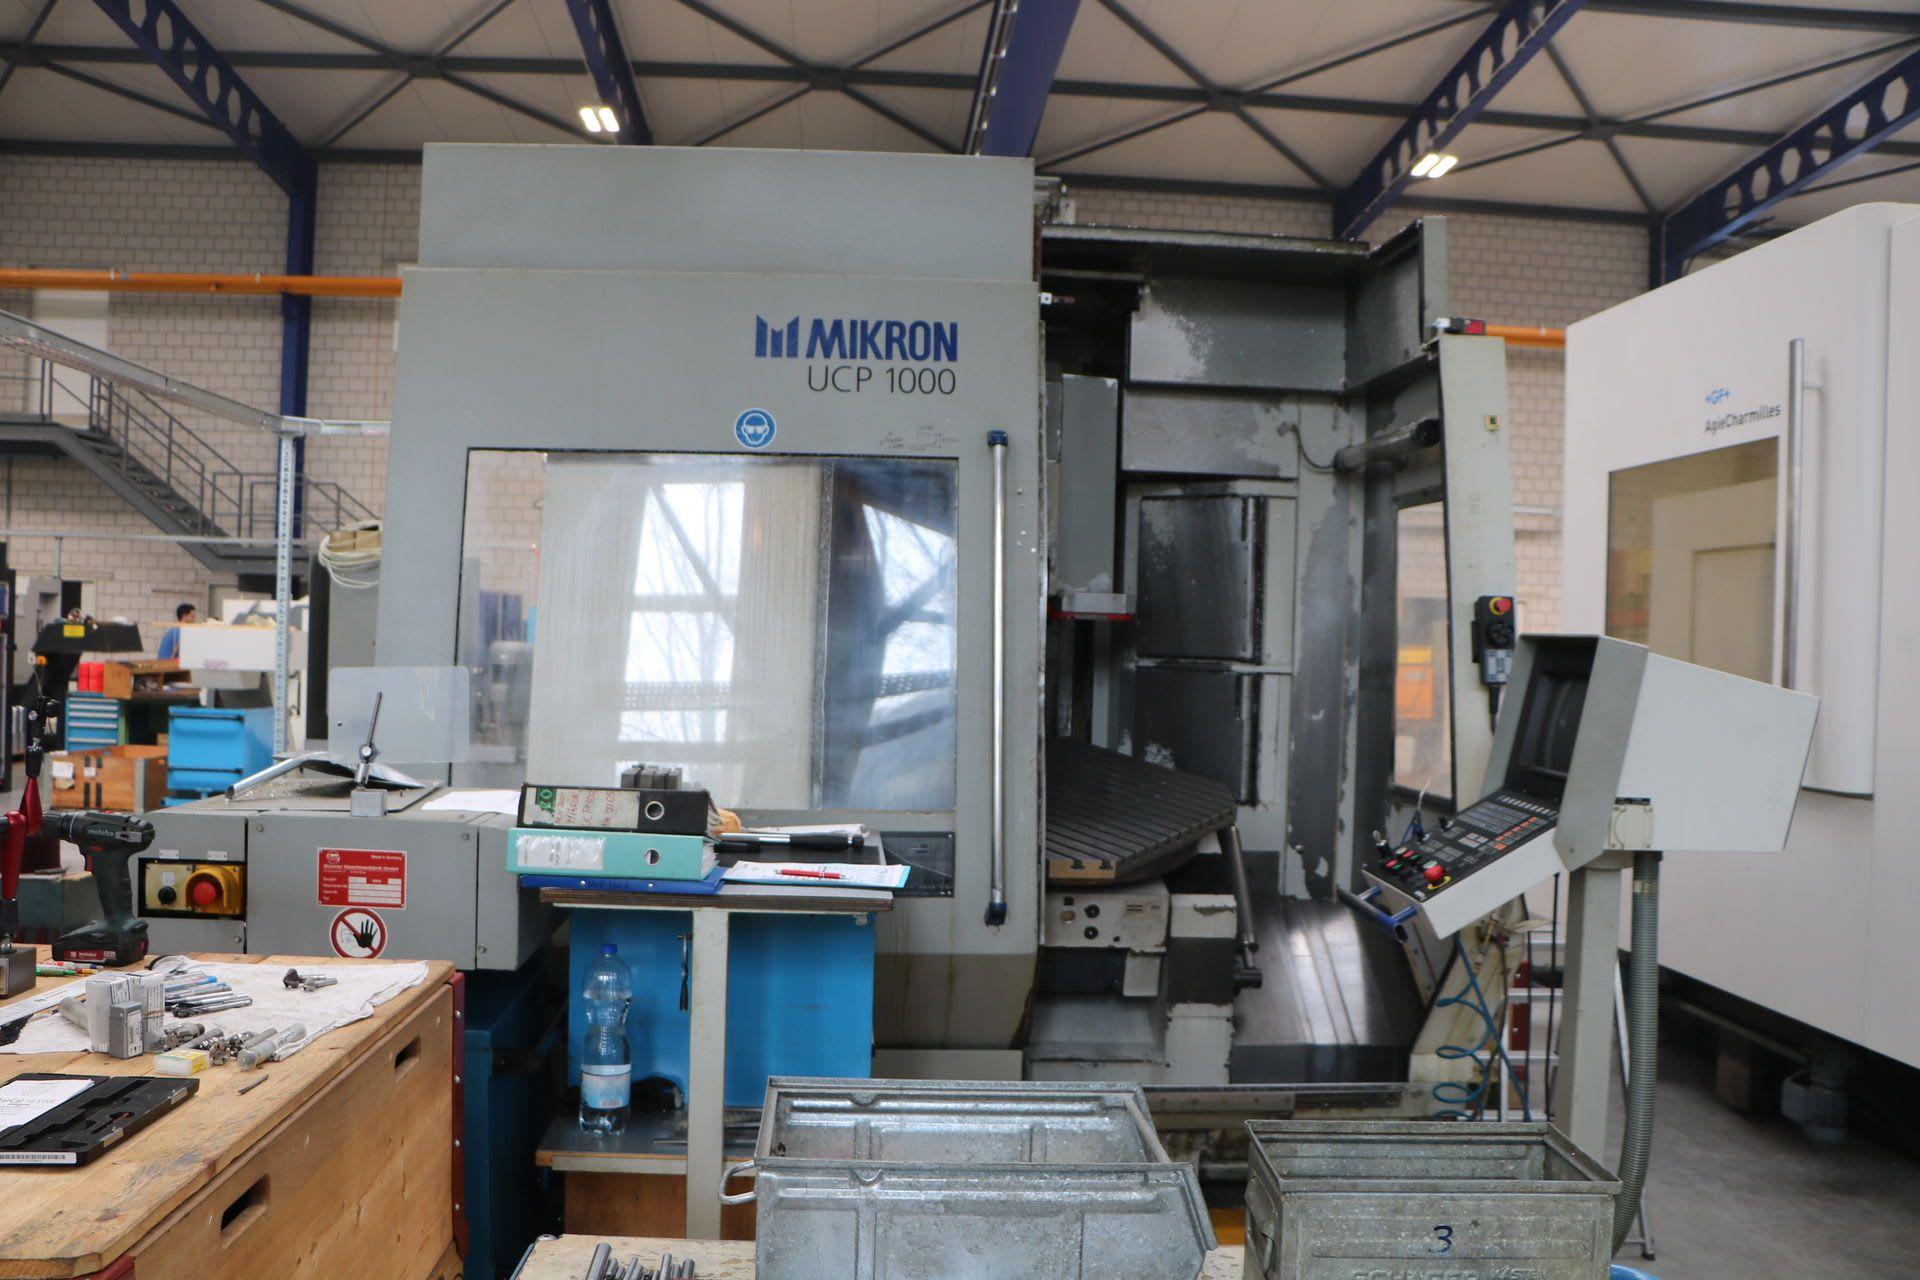 MIKRON UCP 1000 Vertikal - Fräsbearbeitungszentrum